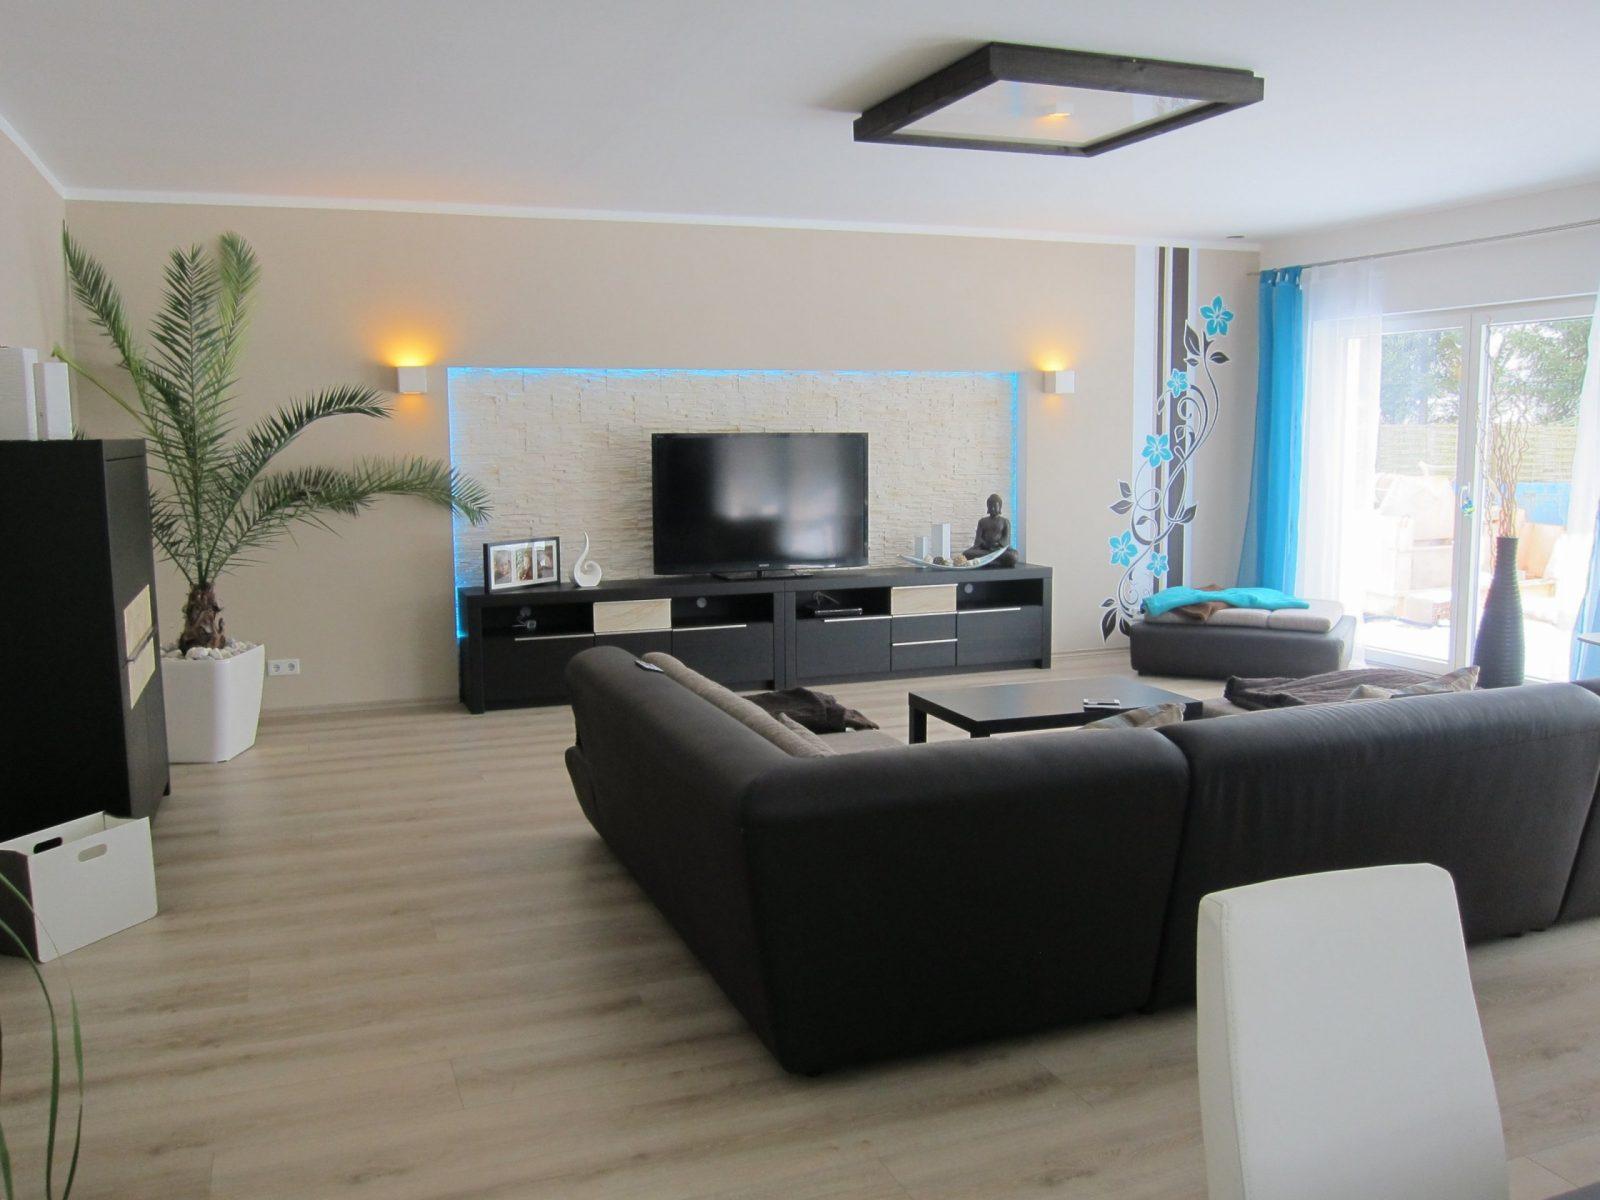 Wohnzimmer Unser Traum Vom Haus Von Lola511  33690  Zimmerschau von Wohn Und Esszimmer Kleiner Raum Photo